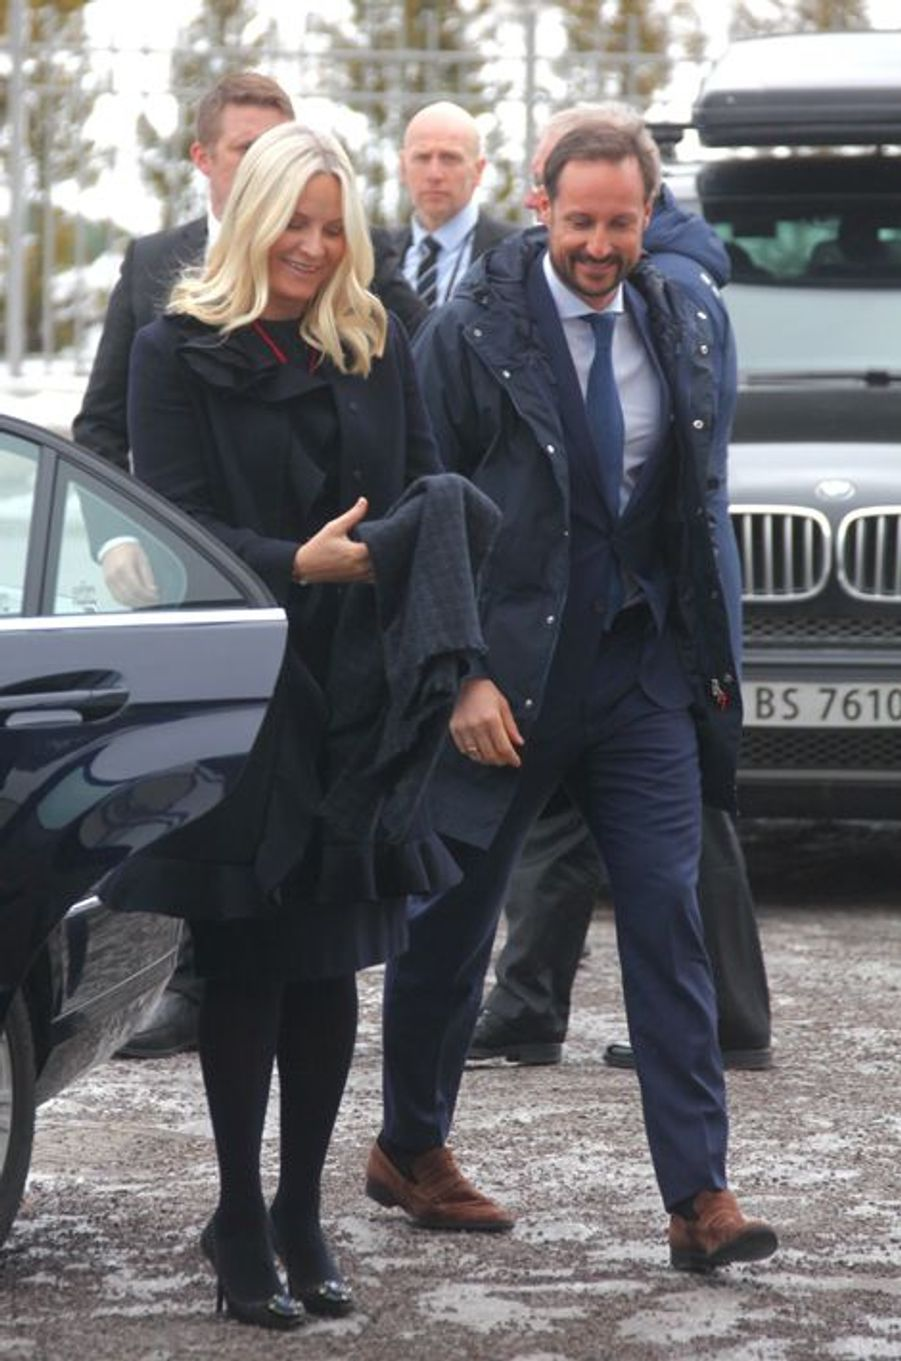 La princesse Mette-Marit et le prince Haakon de Norvège à Oslo, le 1er mars 2016